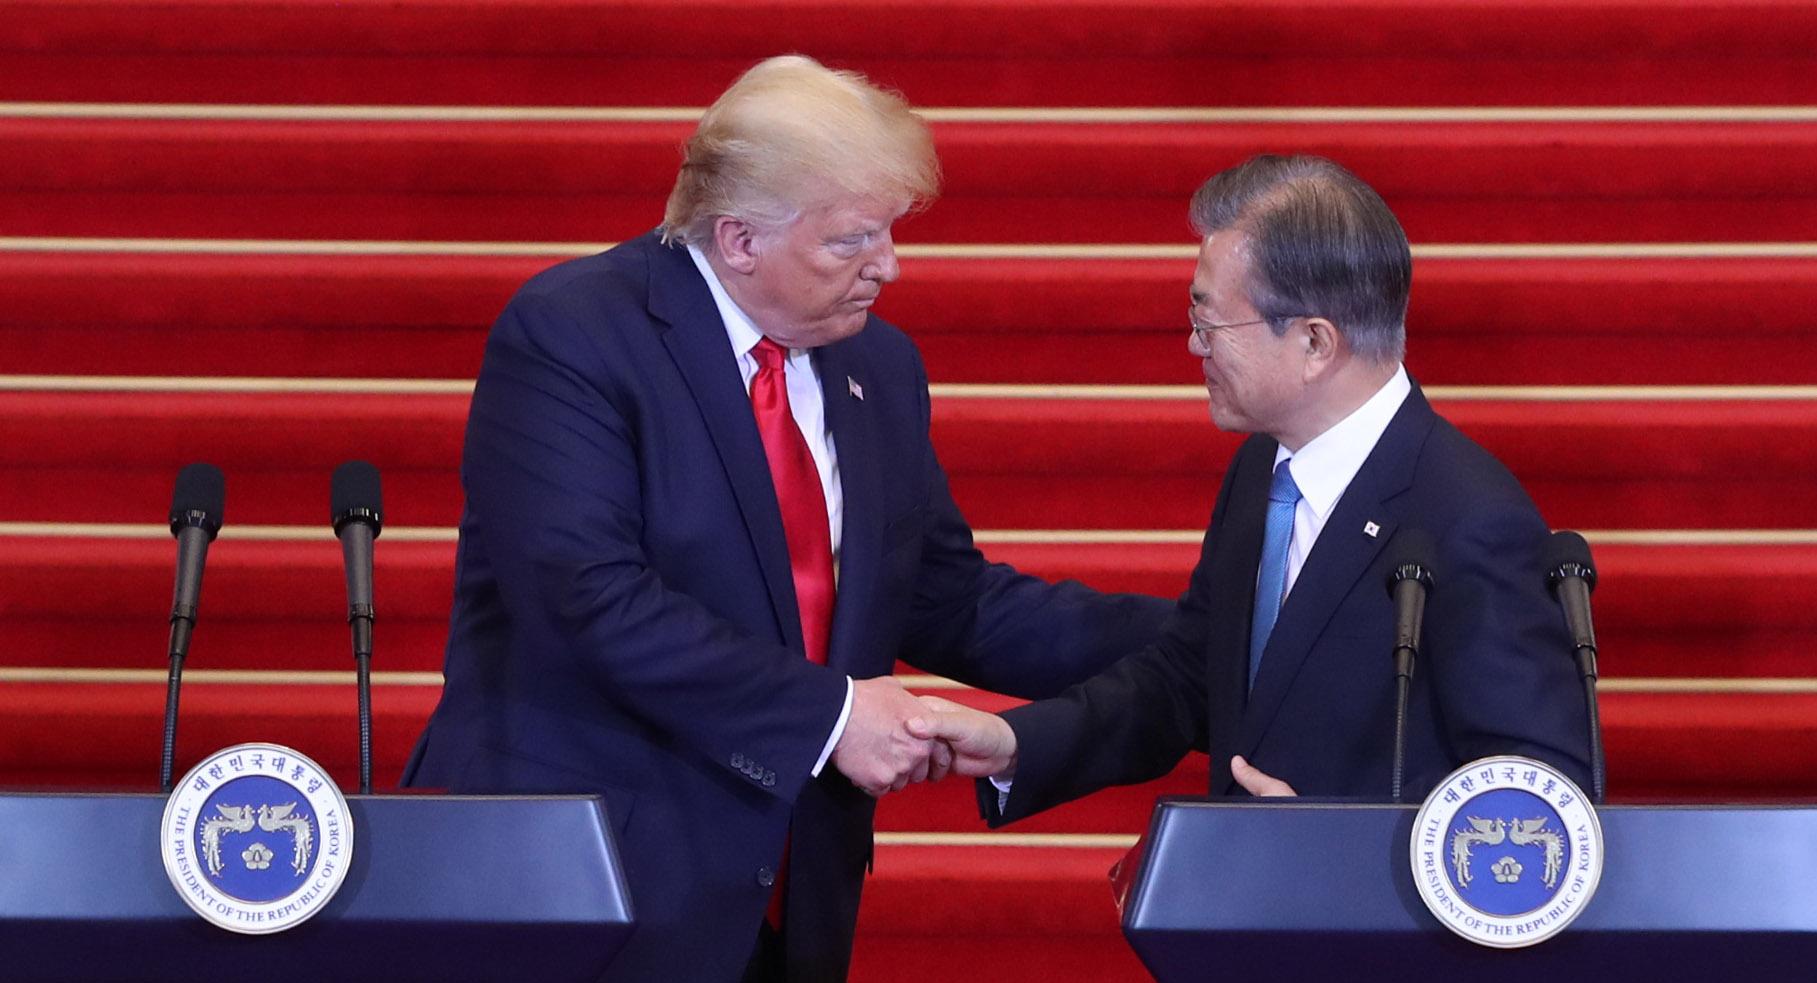 문재인 대통령과 트럼프 미국 대통령이 30일 오후 청와대에서 공동기자회견 전 악수를 하고 있다.강정현 기자